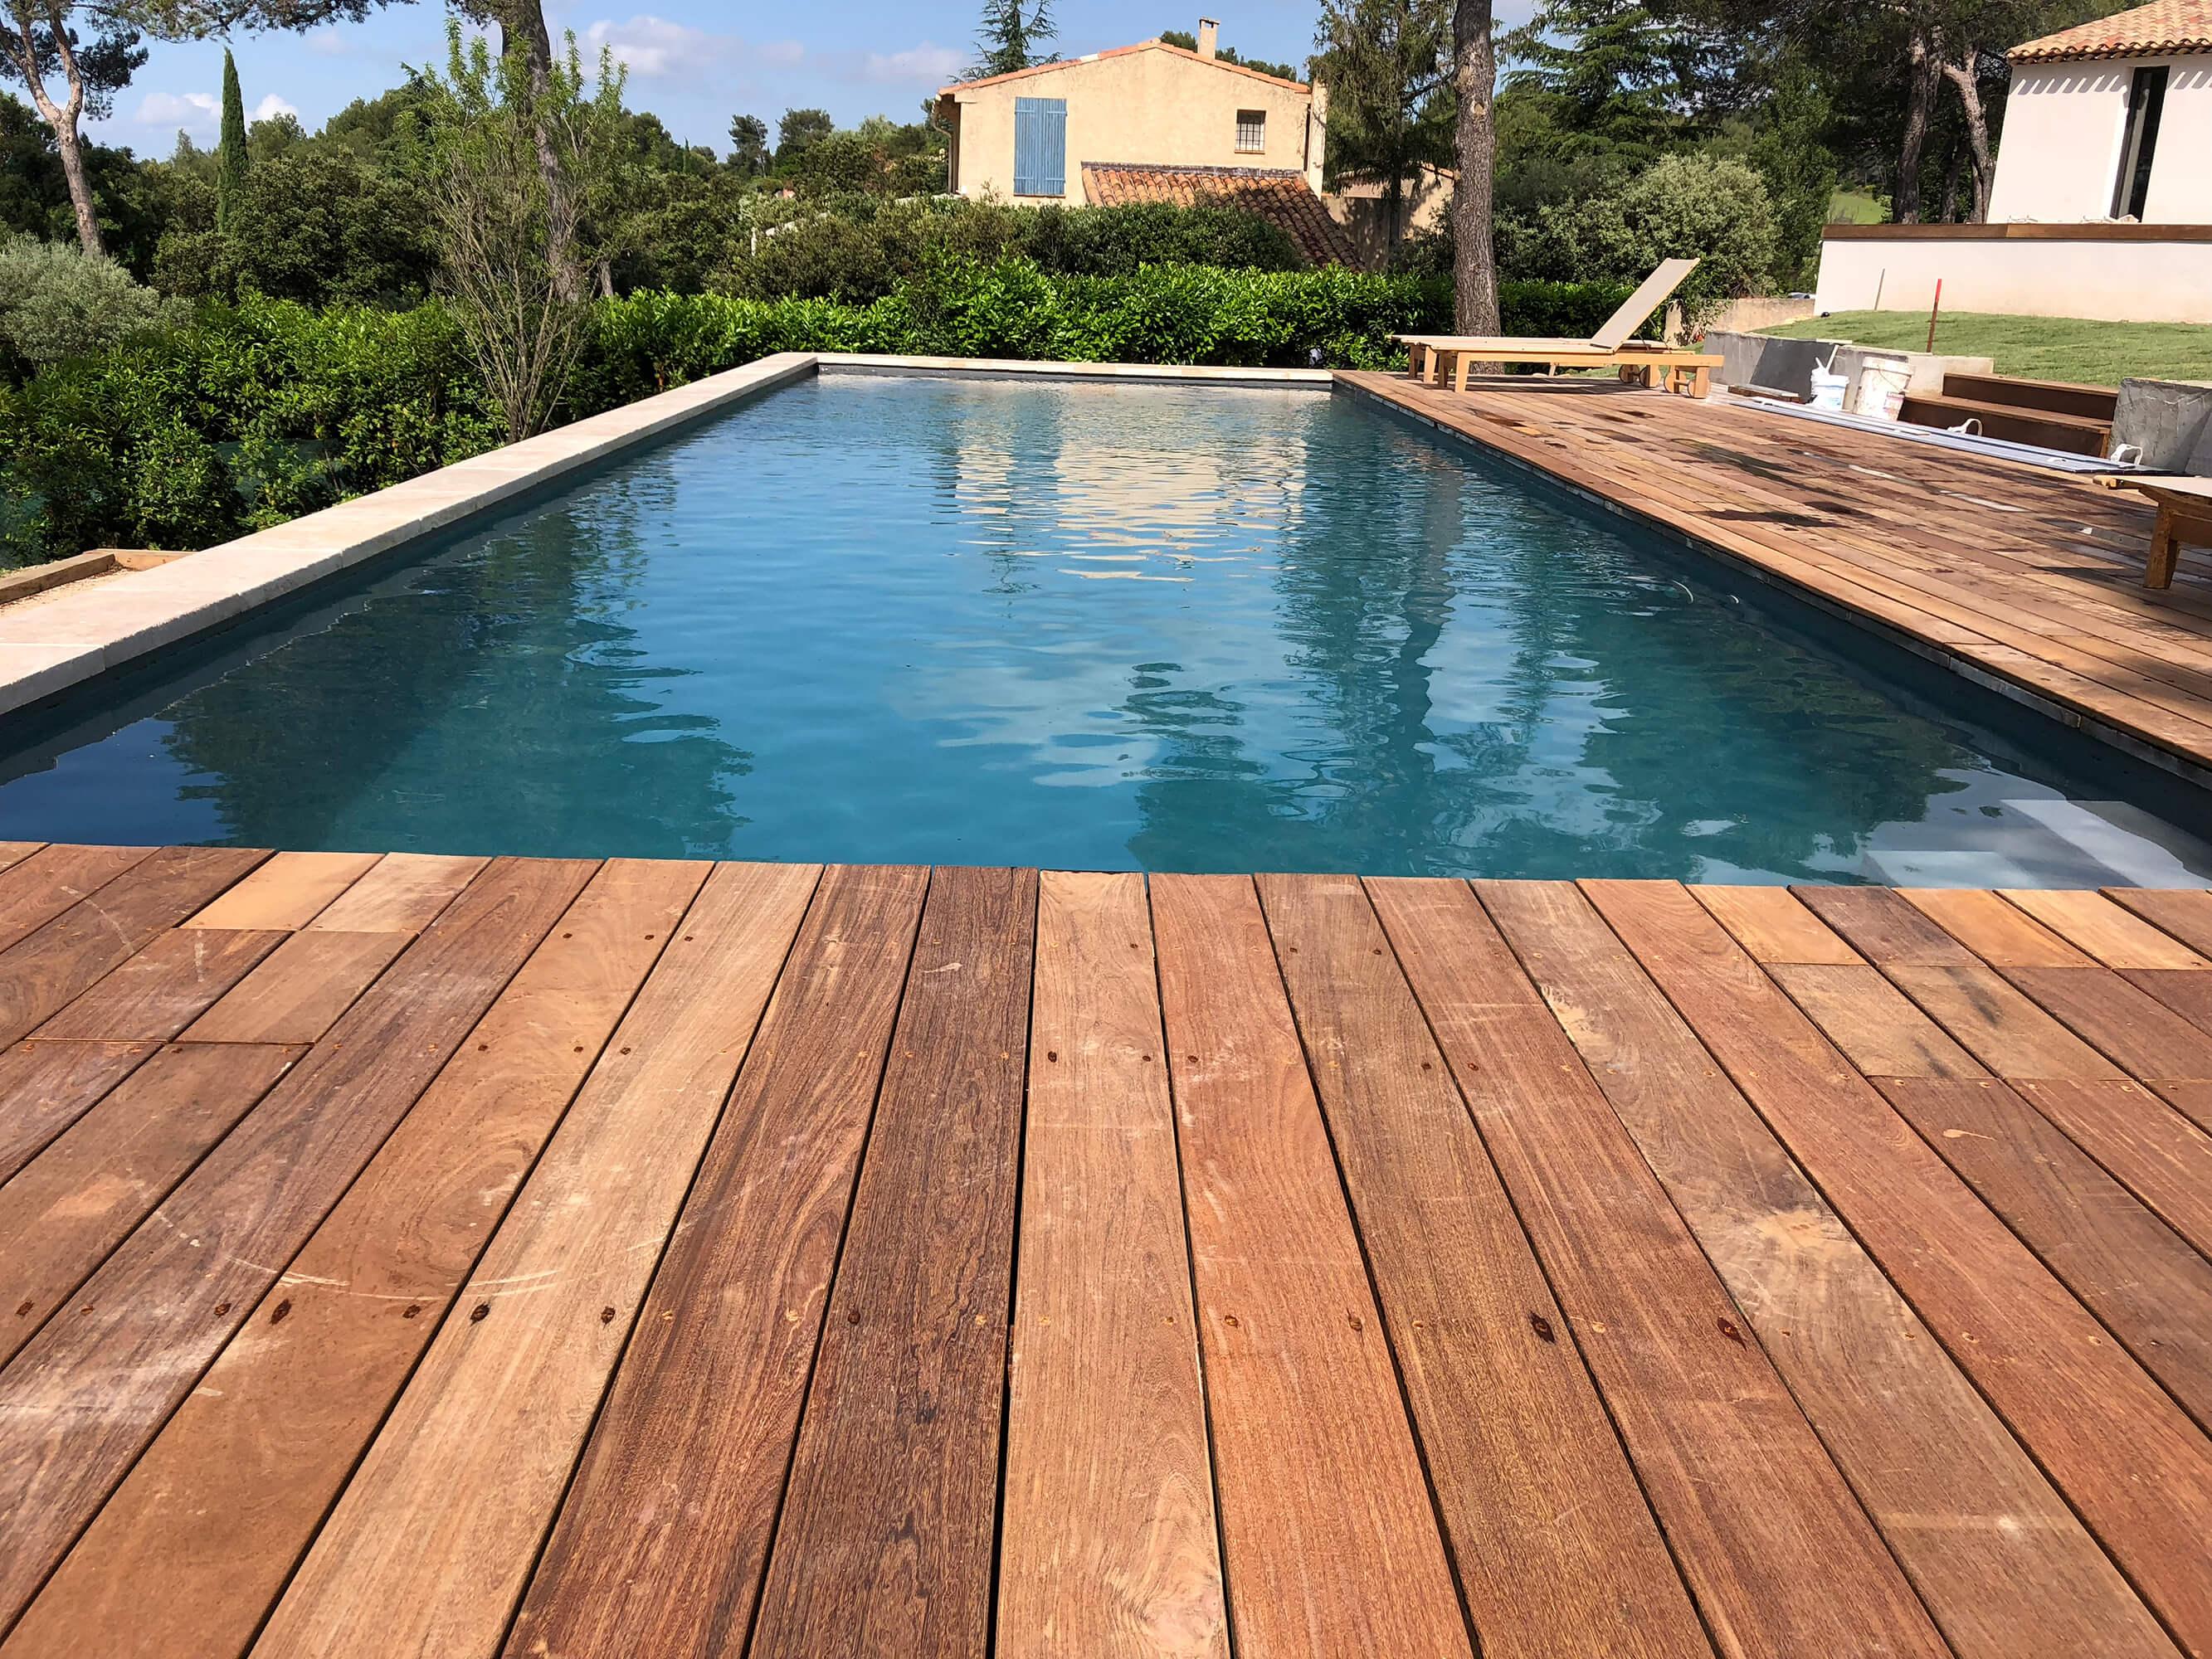 Piscine et terrasse - St Marc Jaumegarde - Espaces Modernes Construction & aménagement